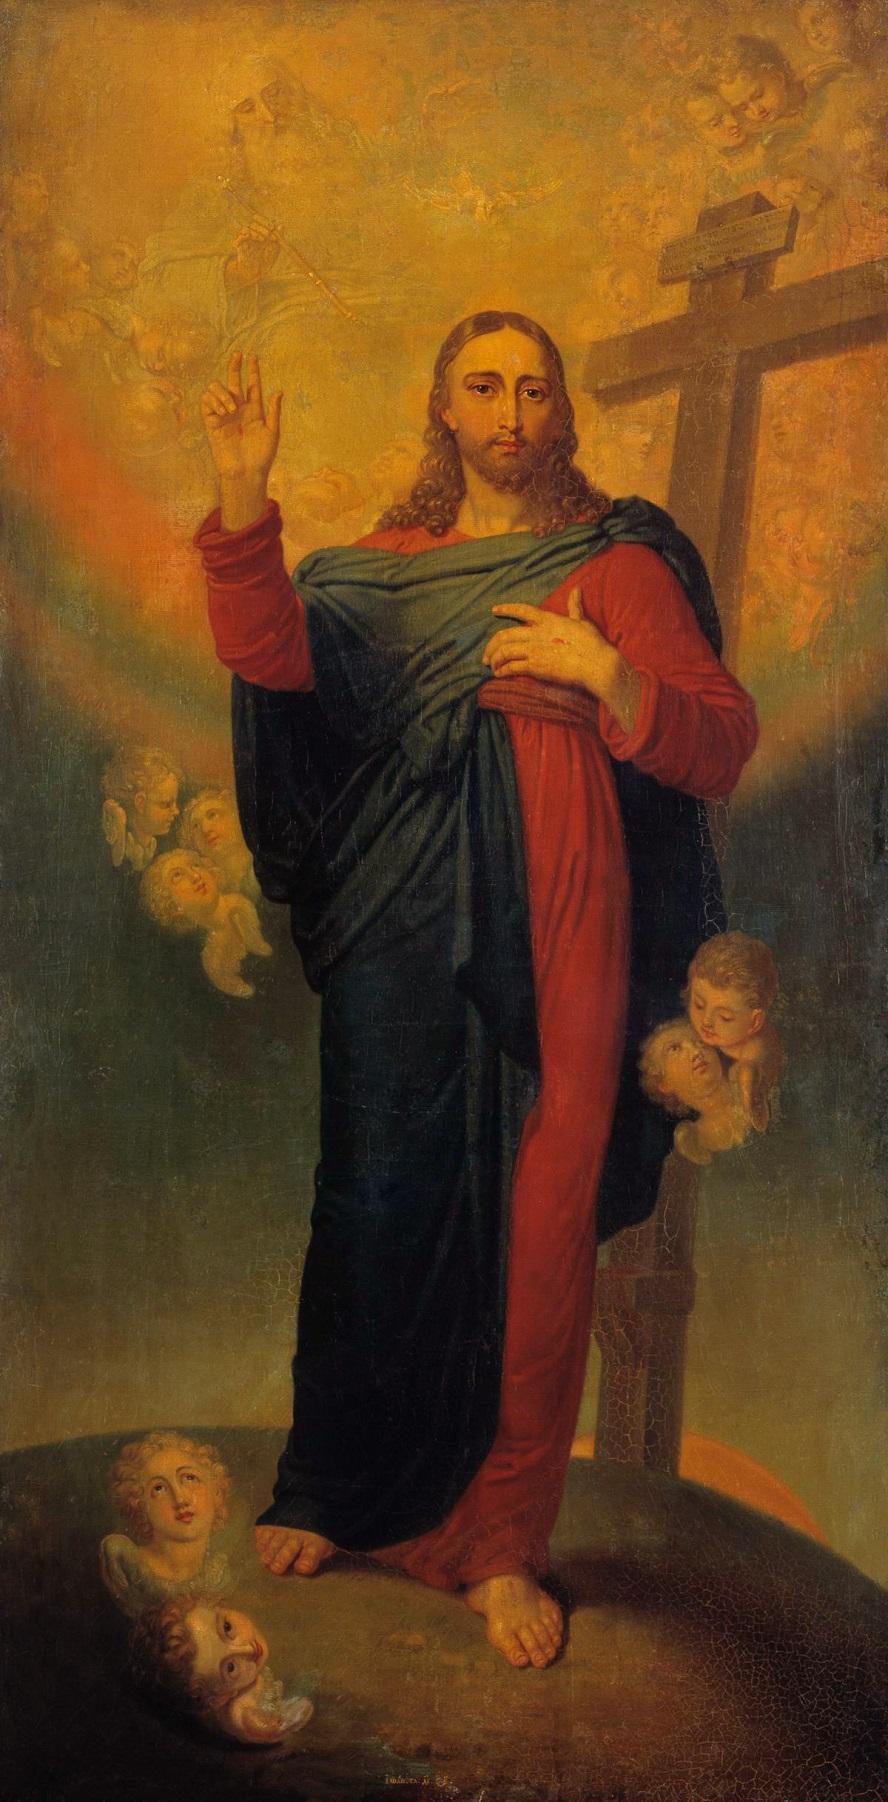 Спаситель. 1814-1815 Государственная Третьяковская галерея, Москва